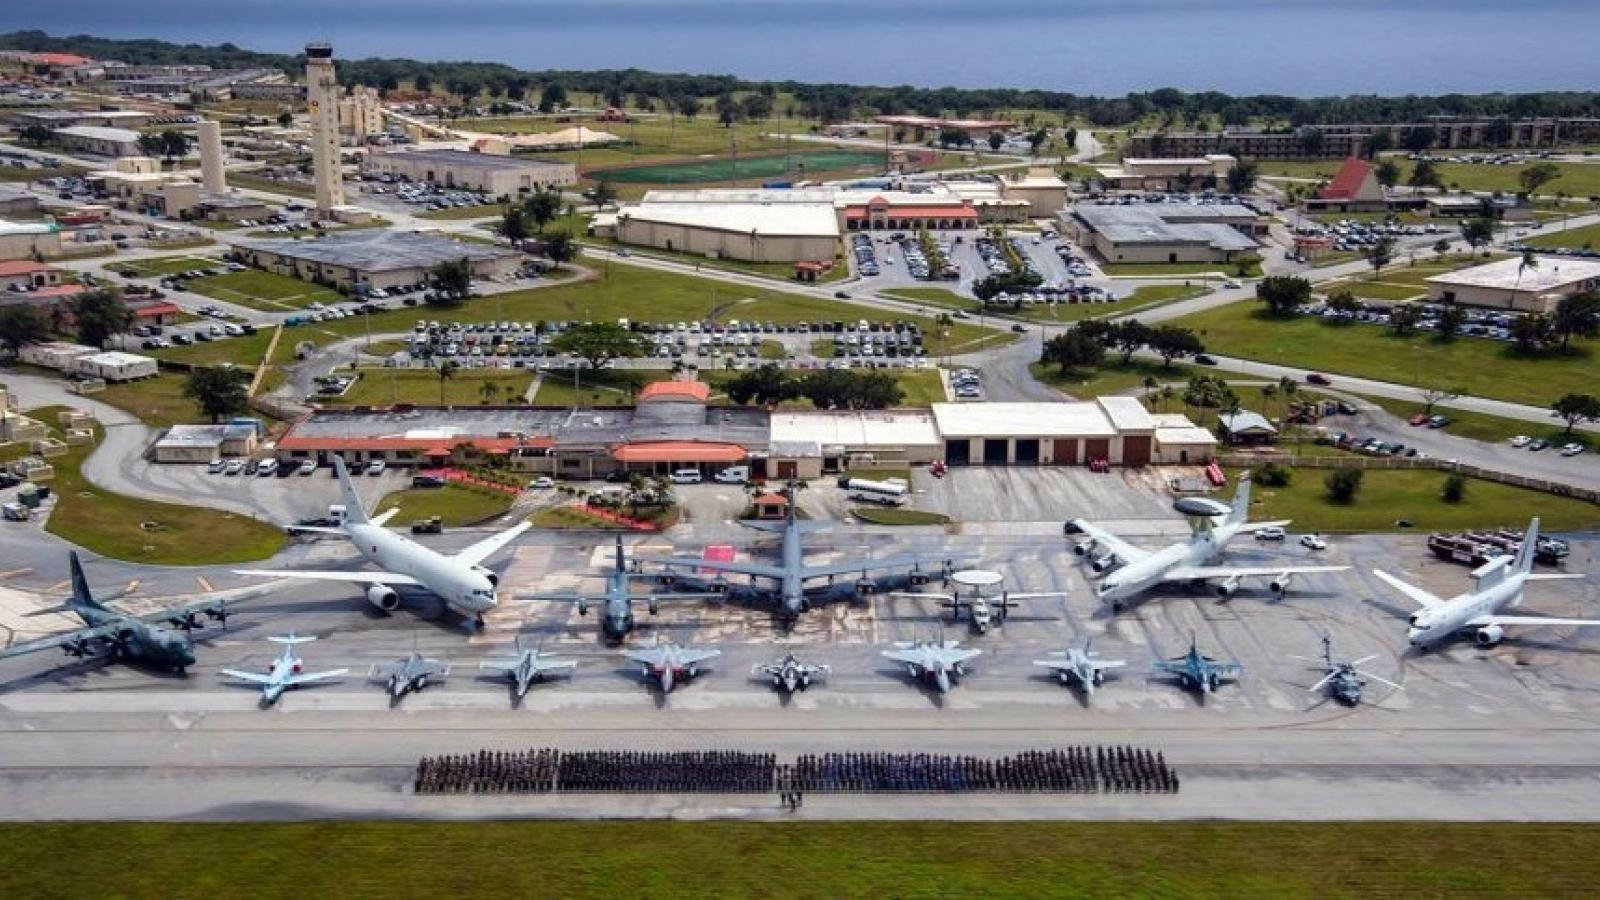 Mỹ tính xây căn cứ quân sự mới giữa Thái Bình Dương phòng ngừa xung đột với Trung Quốc